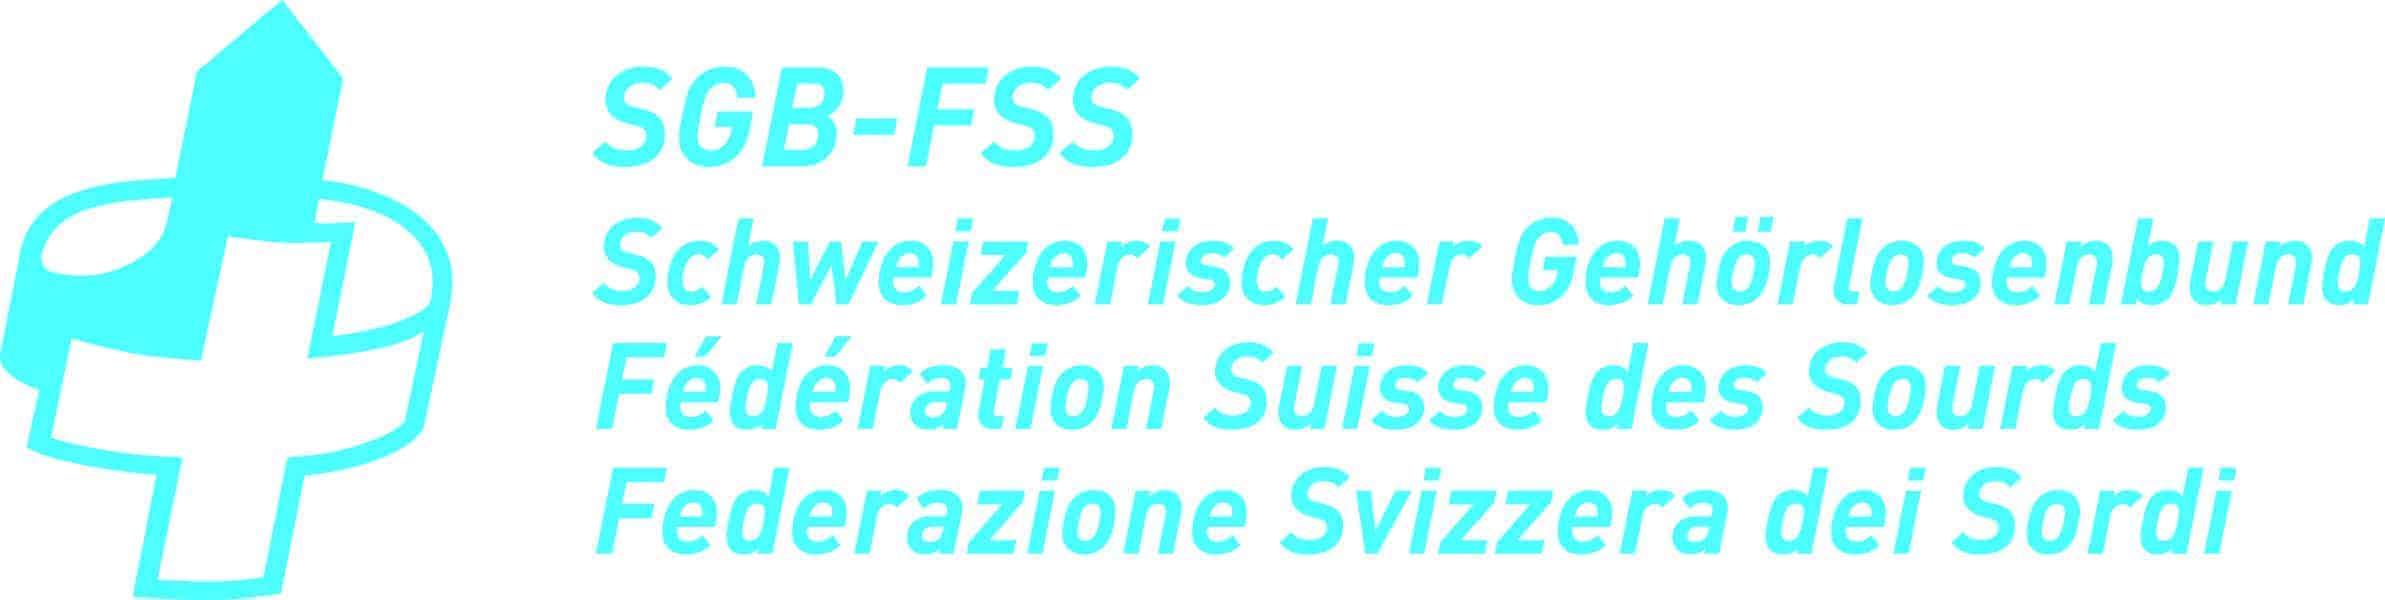 SGB-FSS_Logo_cyan_600px_d-f-i